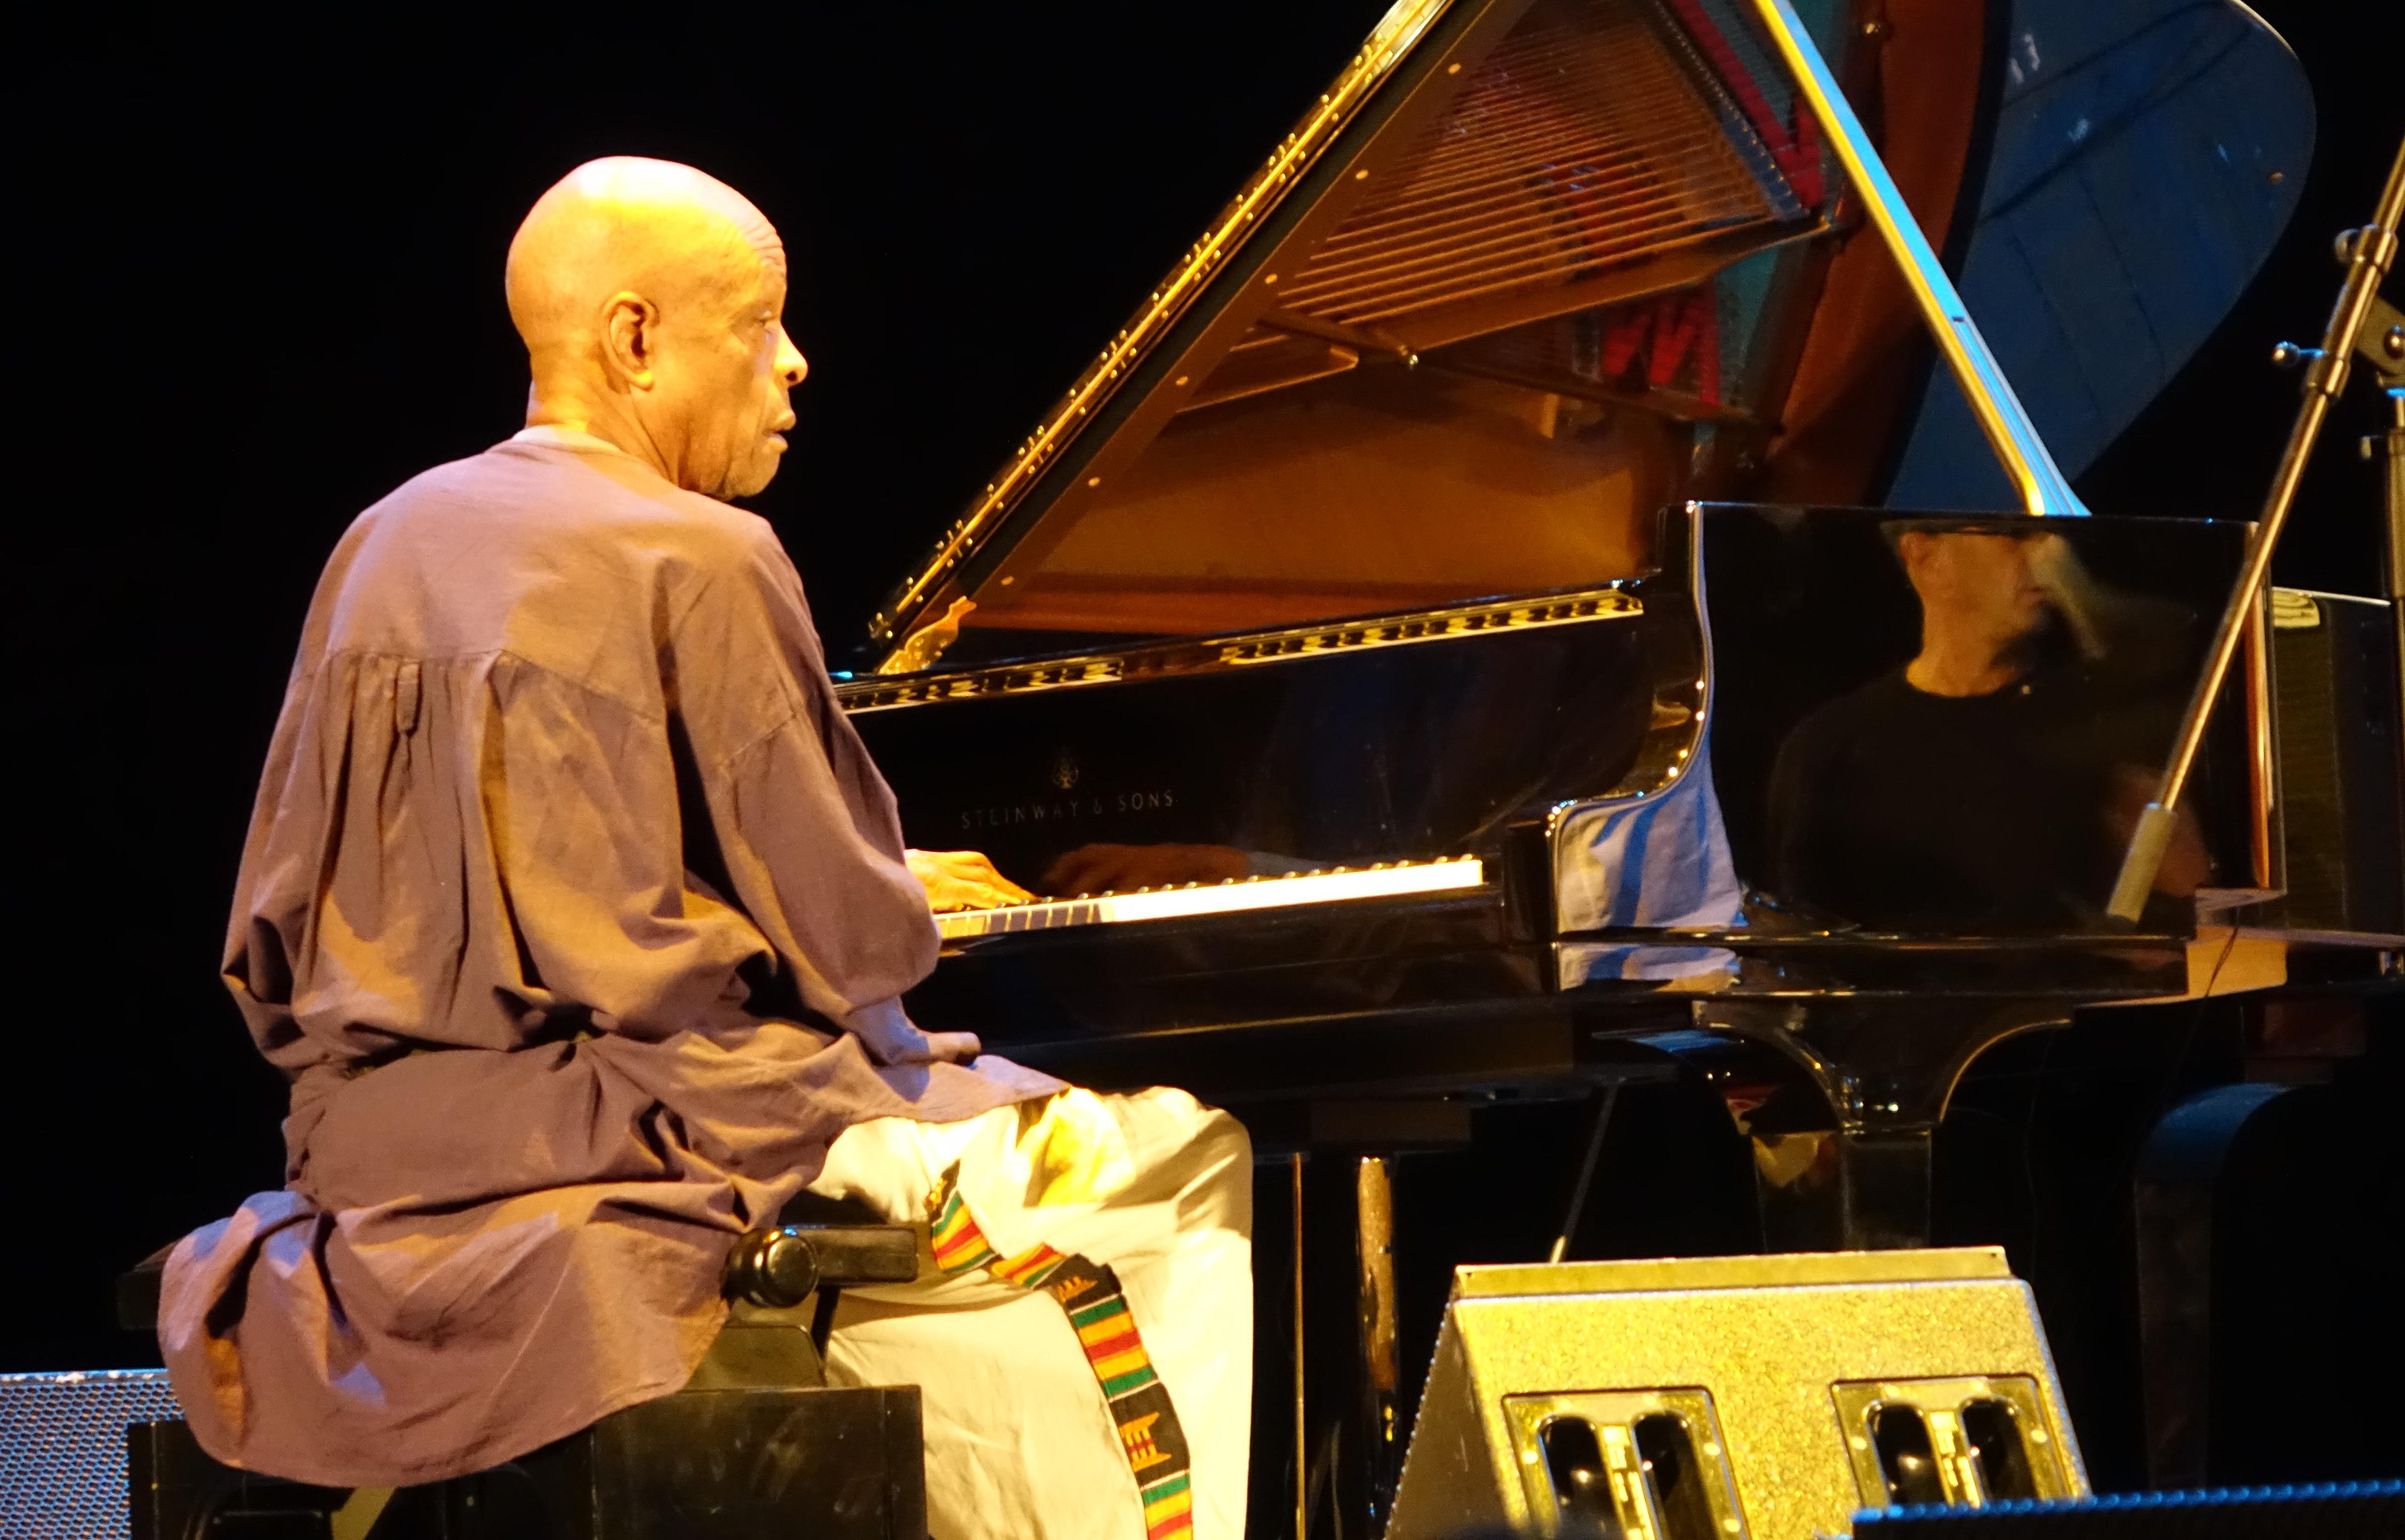 William Henderson at the Vilnius Mama Jazz Festival in November 2017